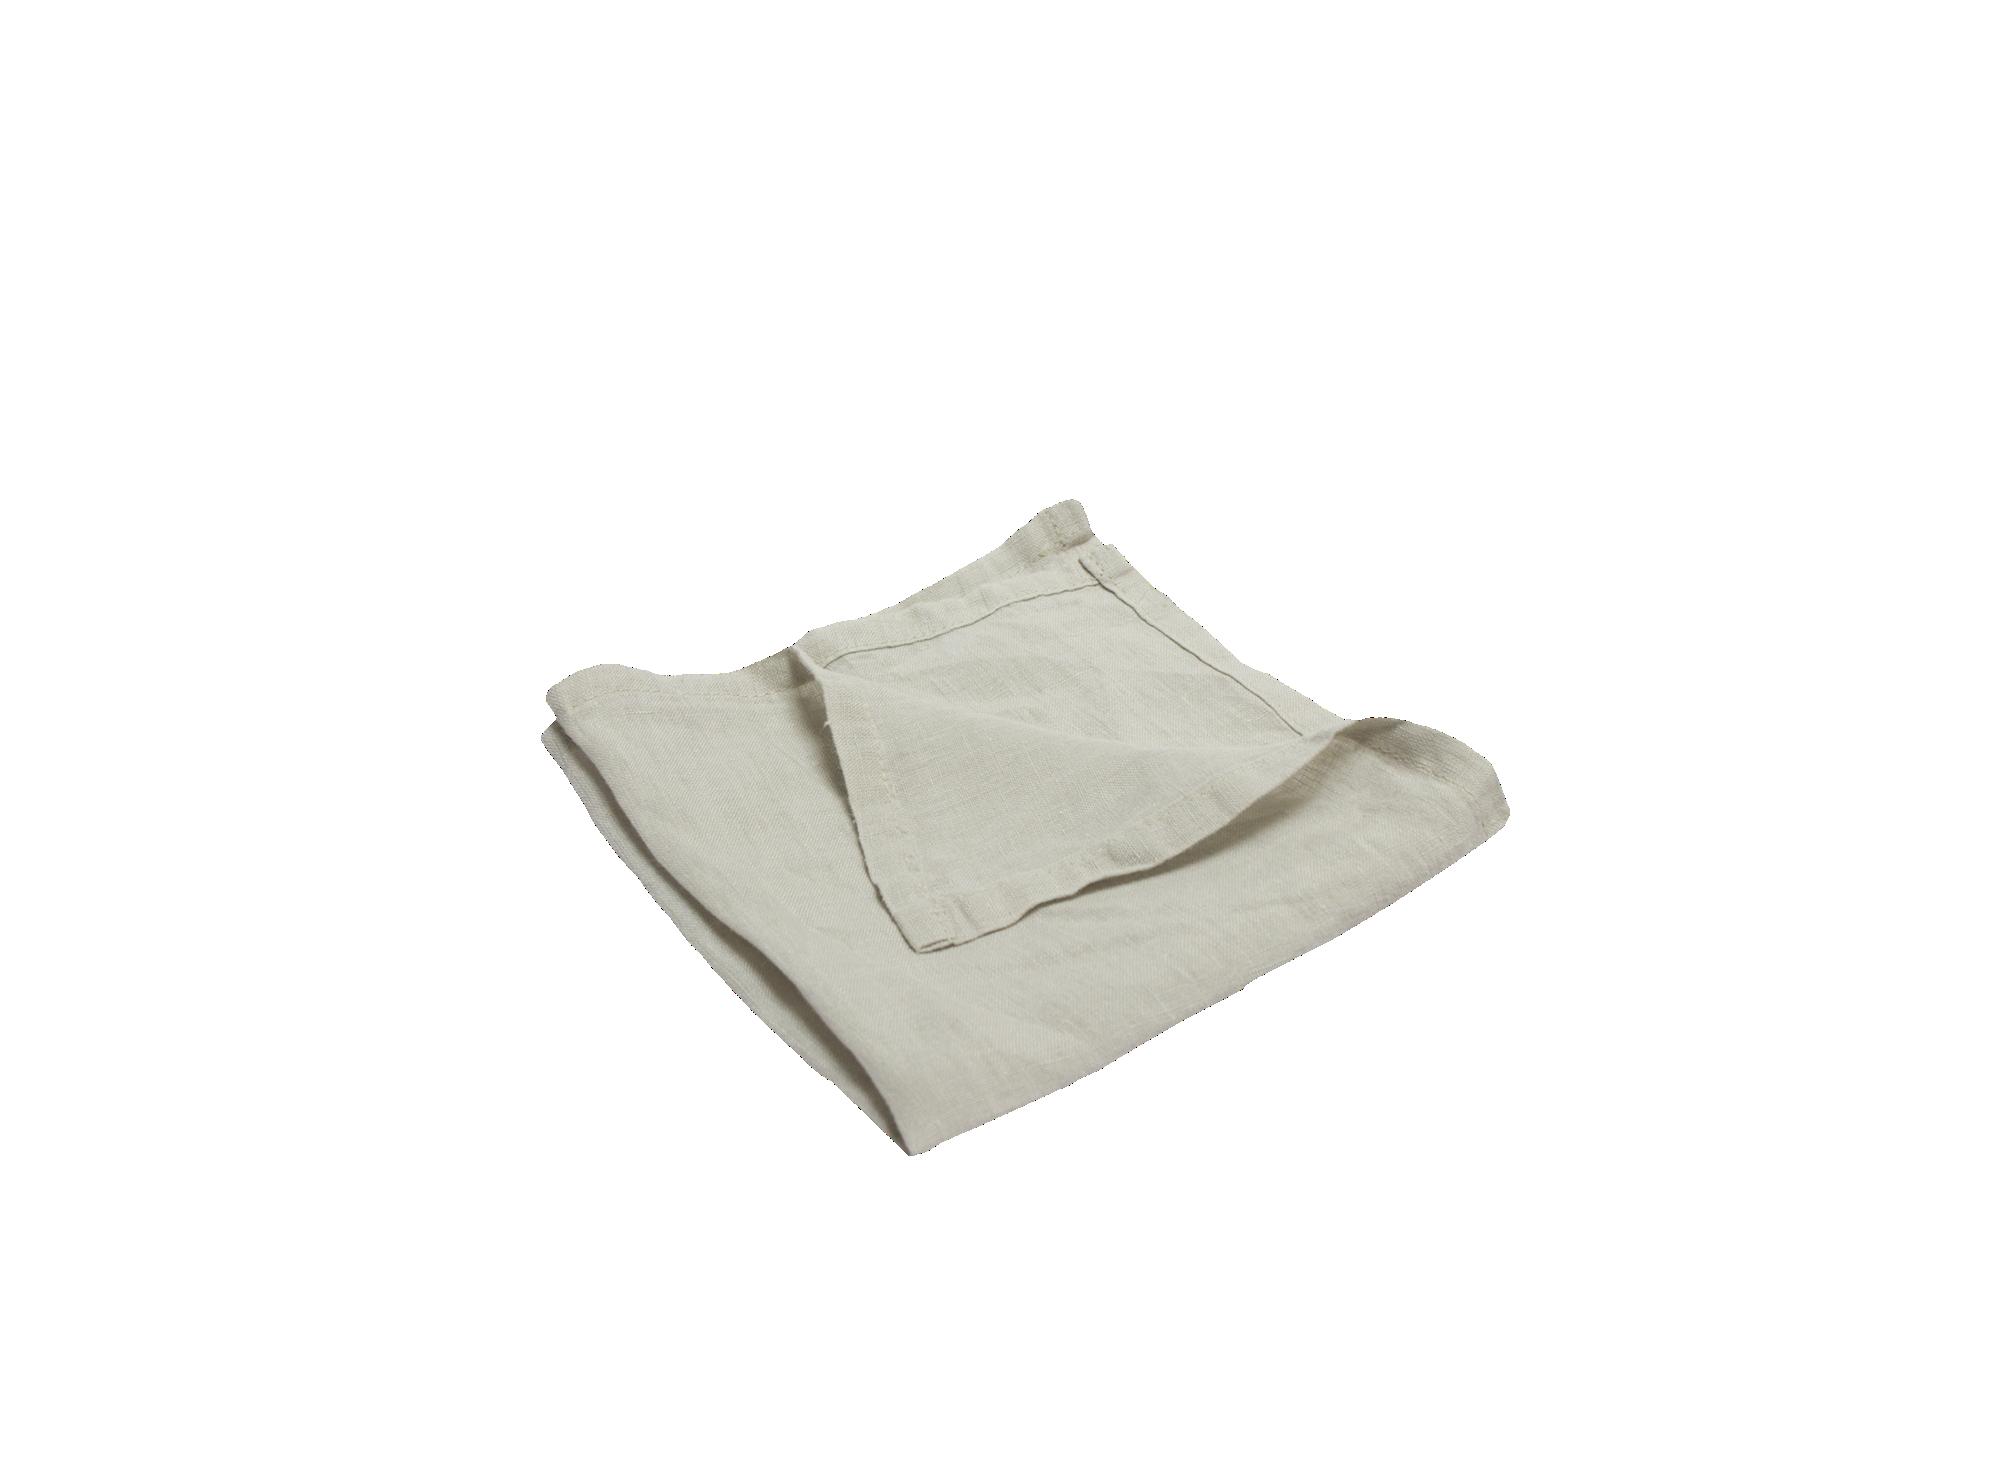 Serviette 40x40cm 100% lin coloris naturel densite 150g/m2 lavable e ...